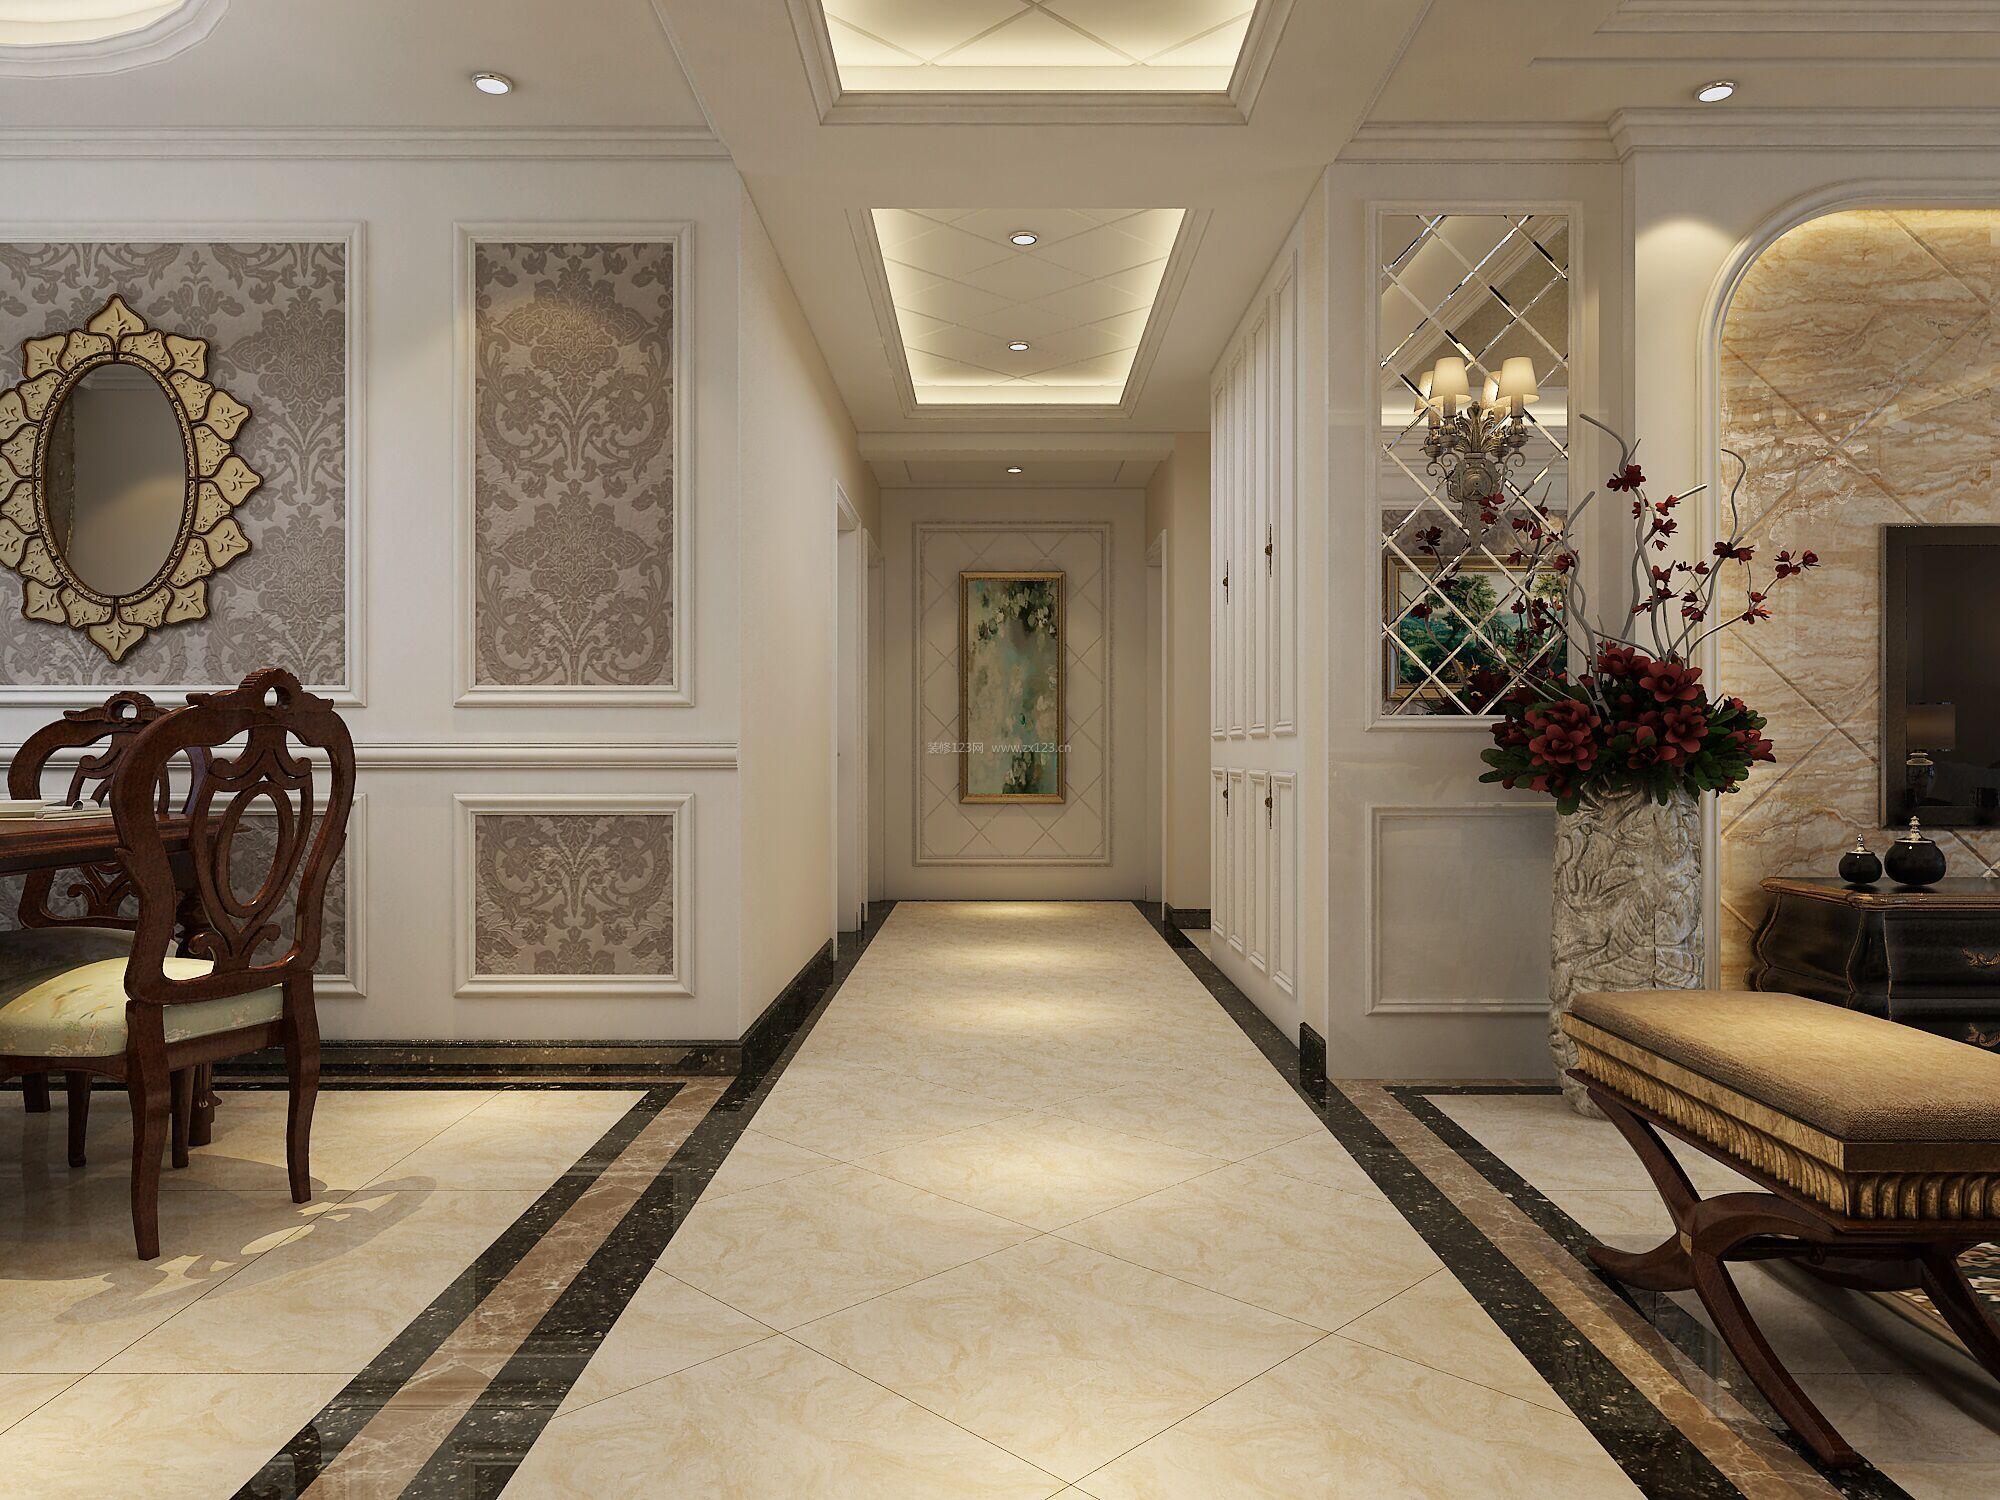 最新美式装修效果图 走廊过道吊顶效果图